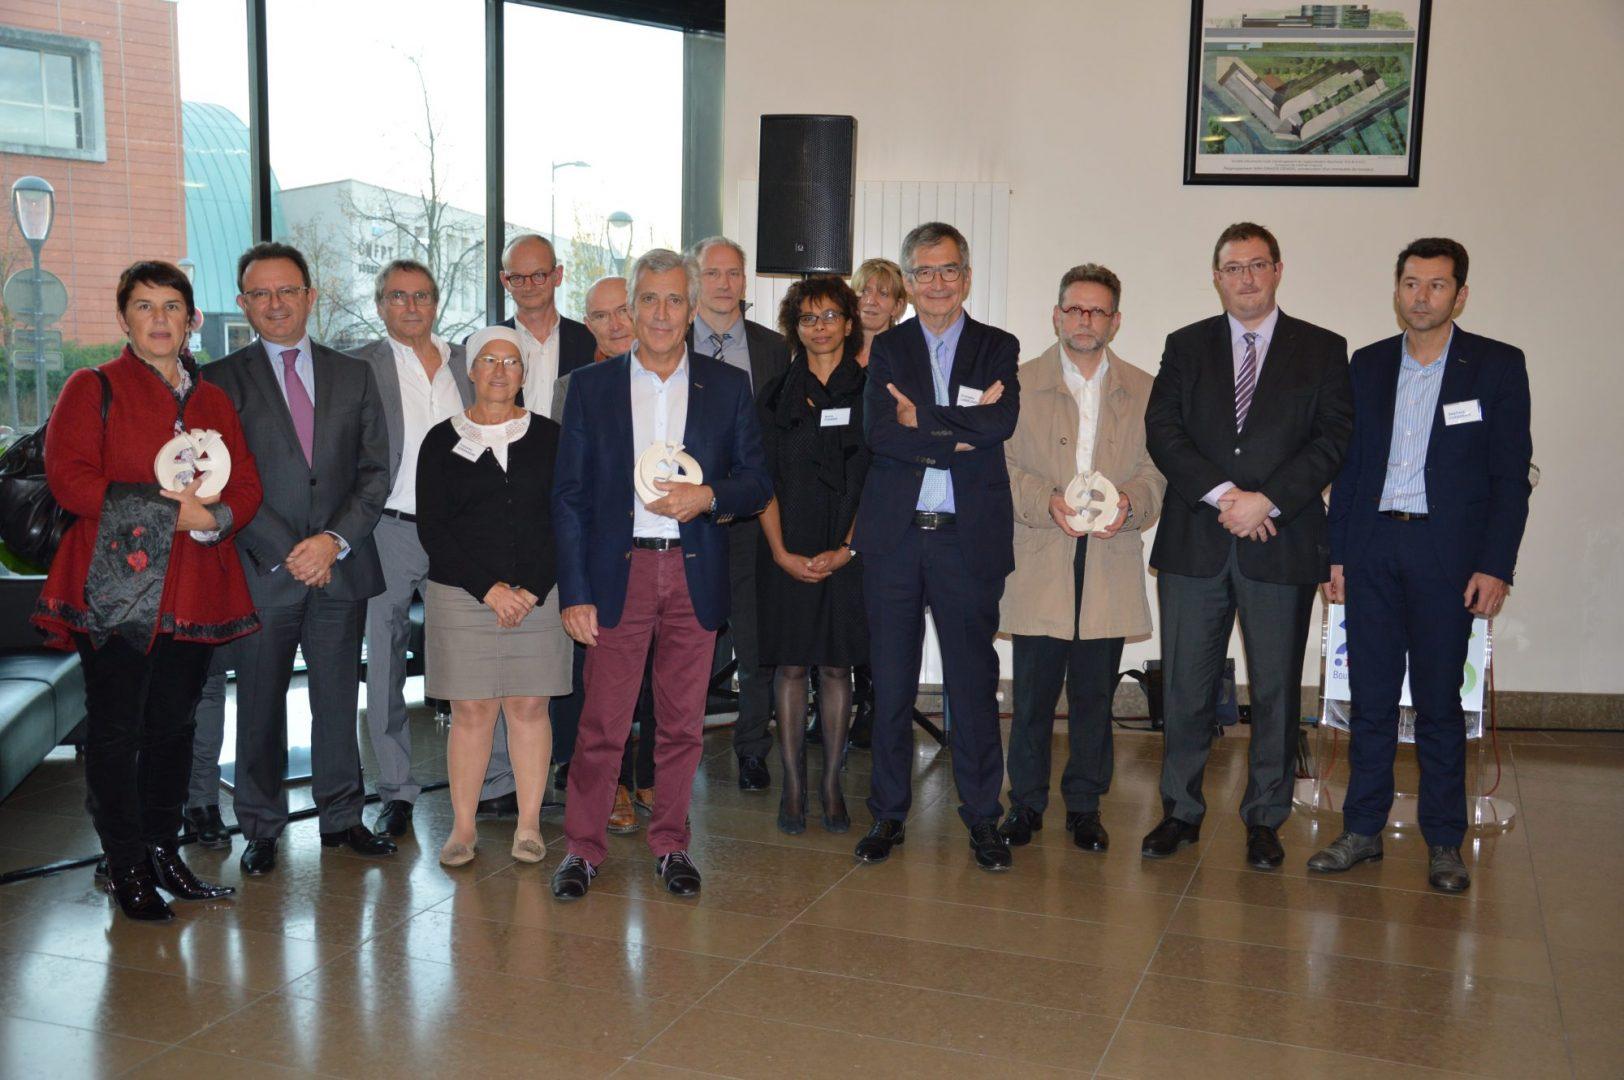 Premier prix de l'Innovation en chirurgie ambulatoire par l'ARS Bourgogne